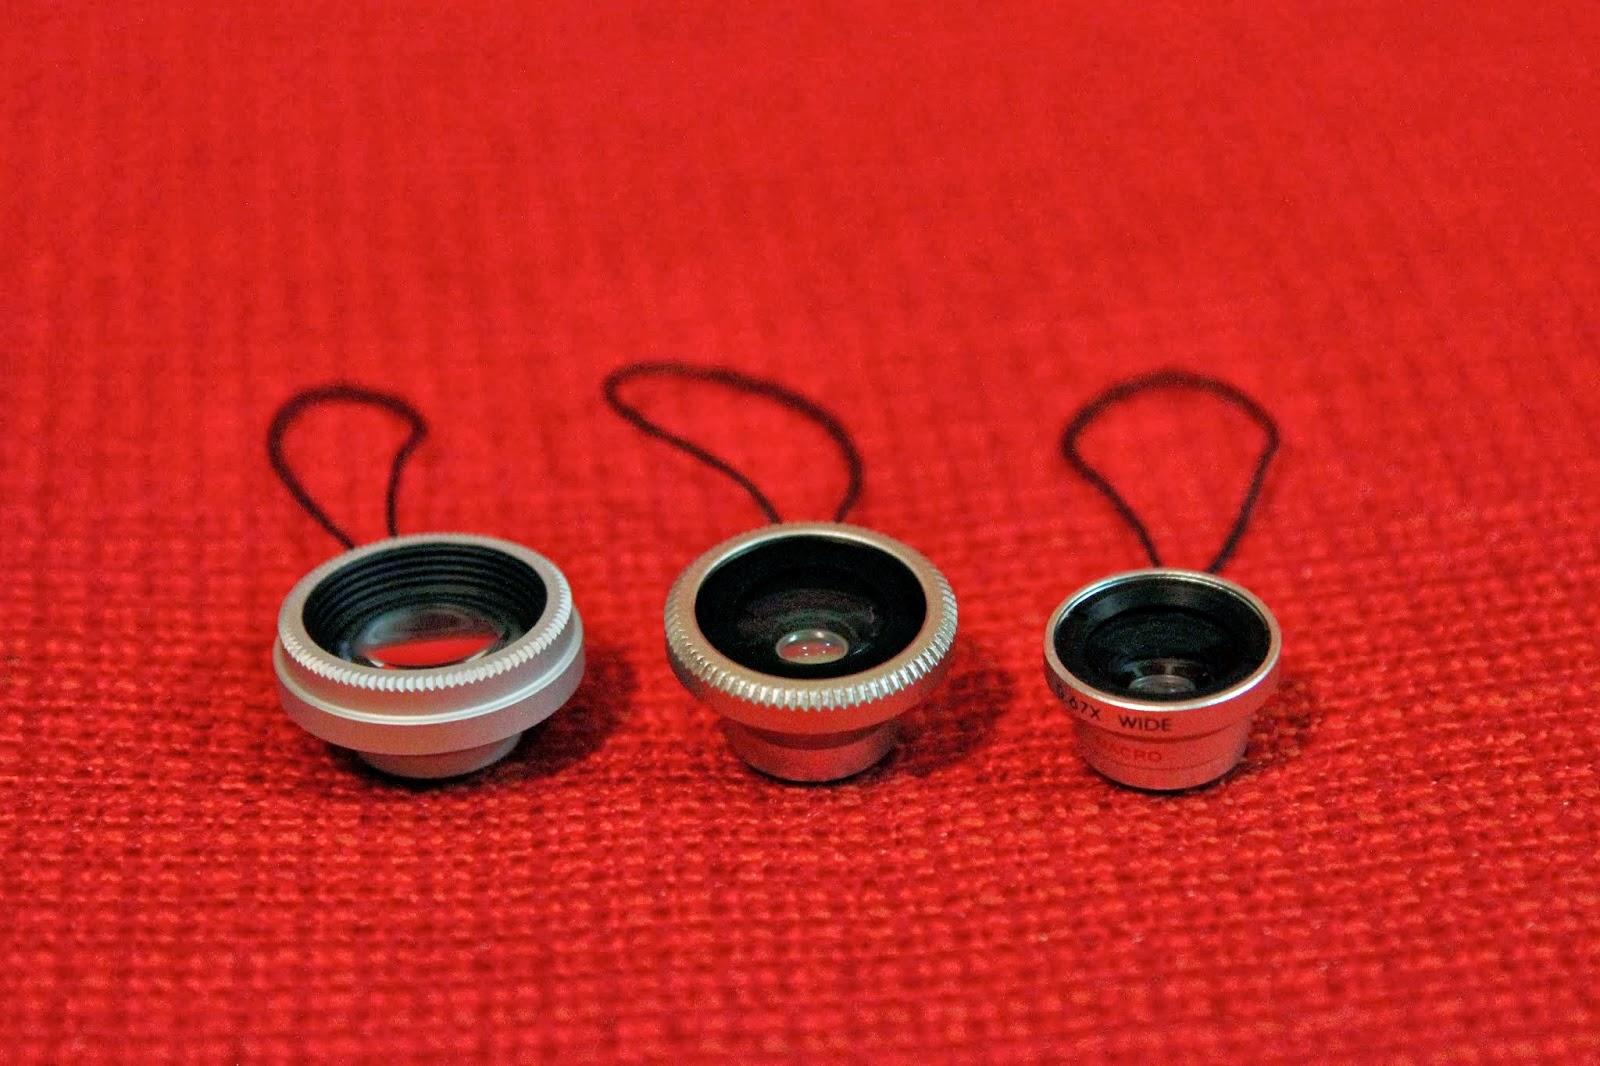 Photojojo iPhone Camera Lens Set Review